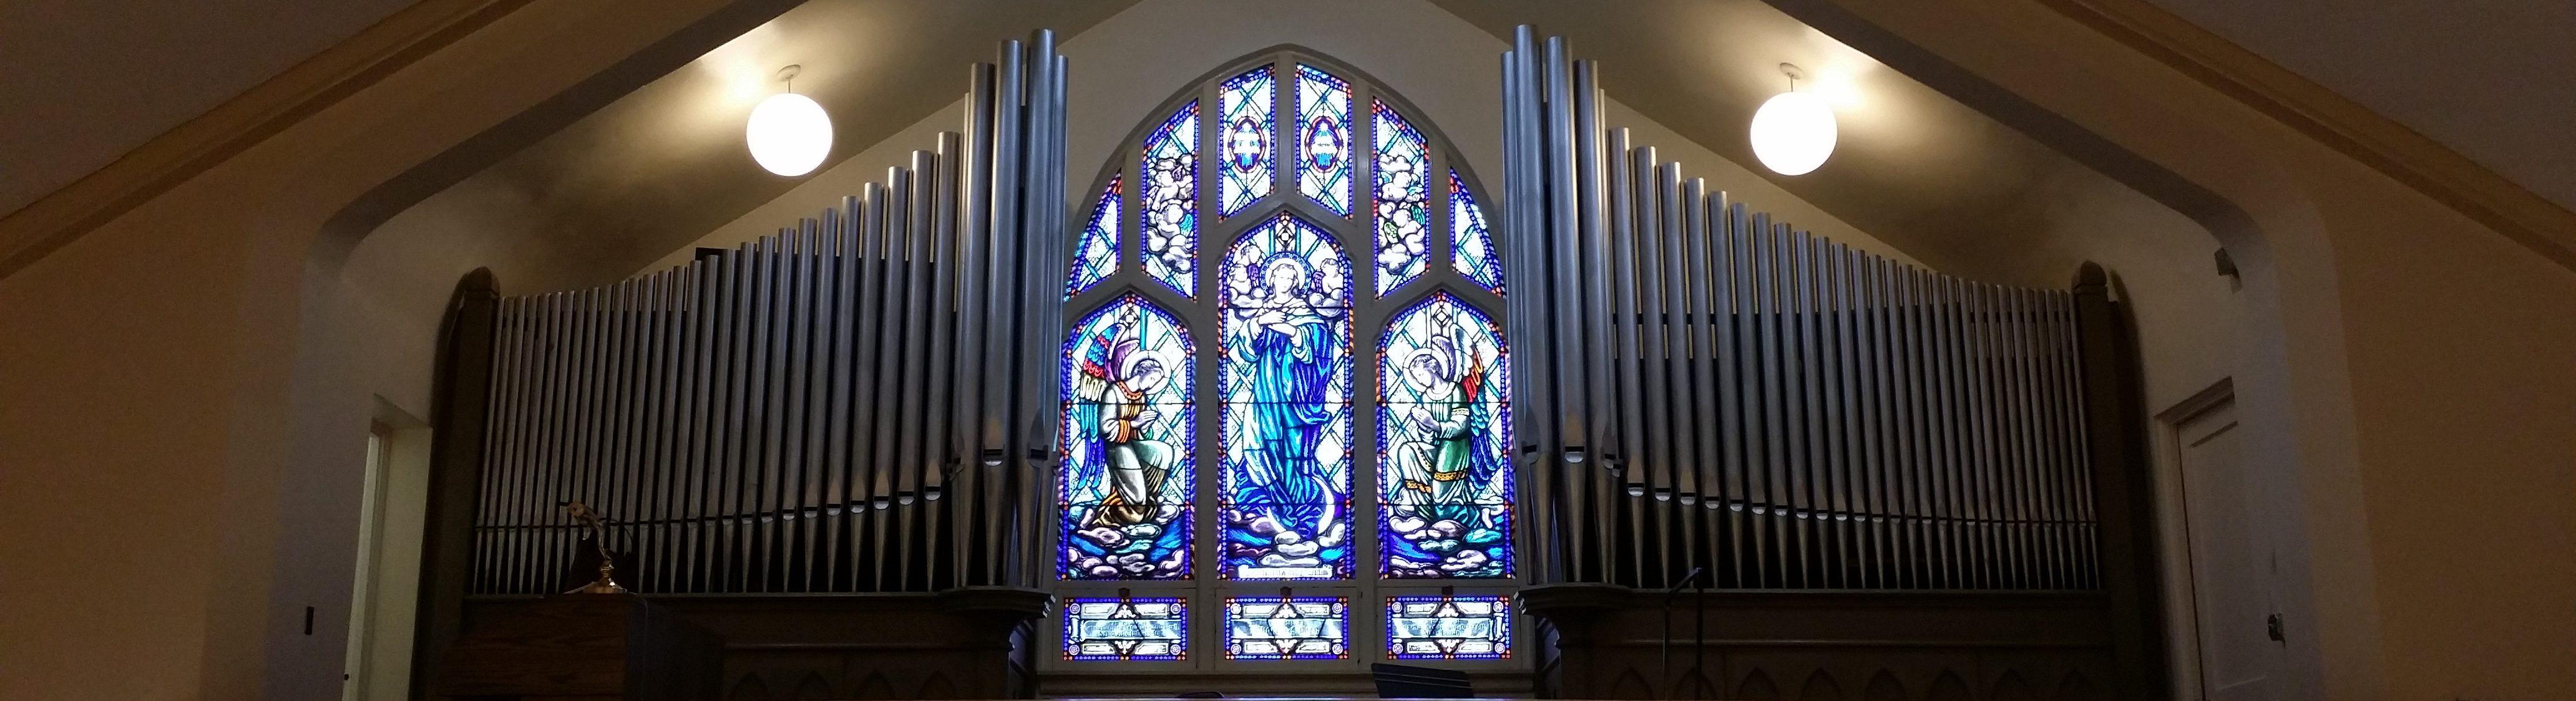 St. Mary's Parish